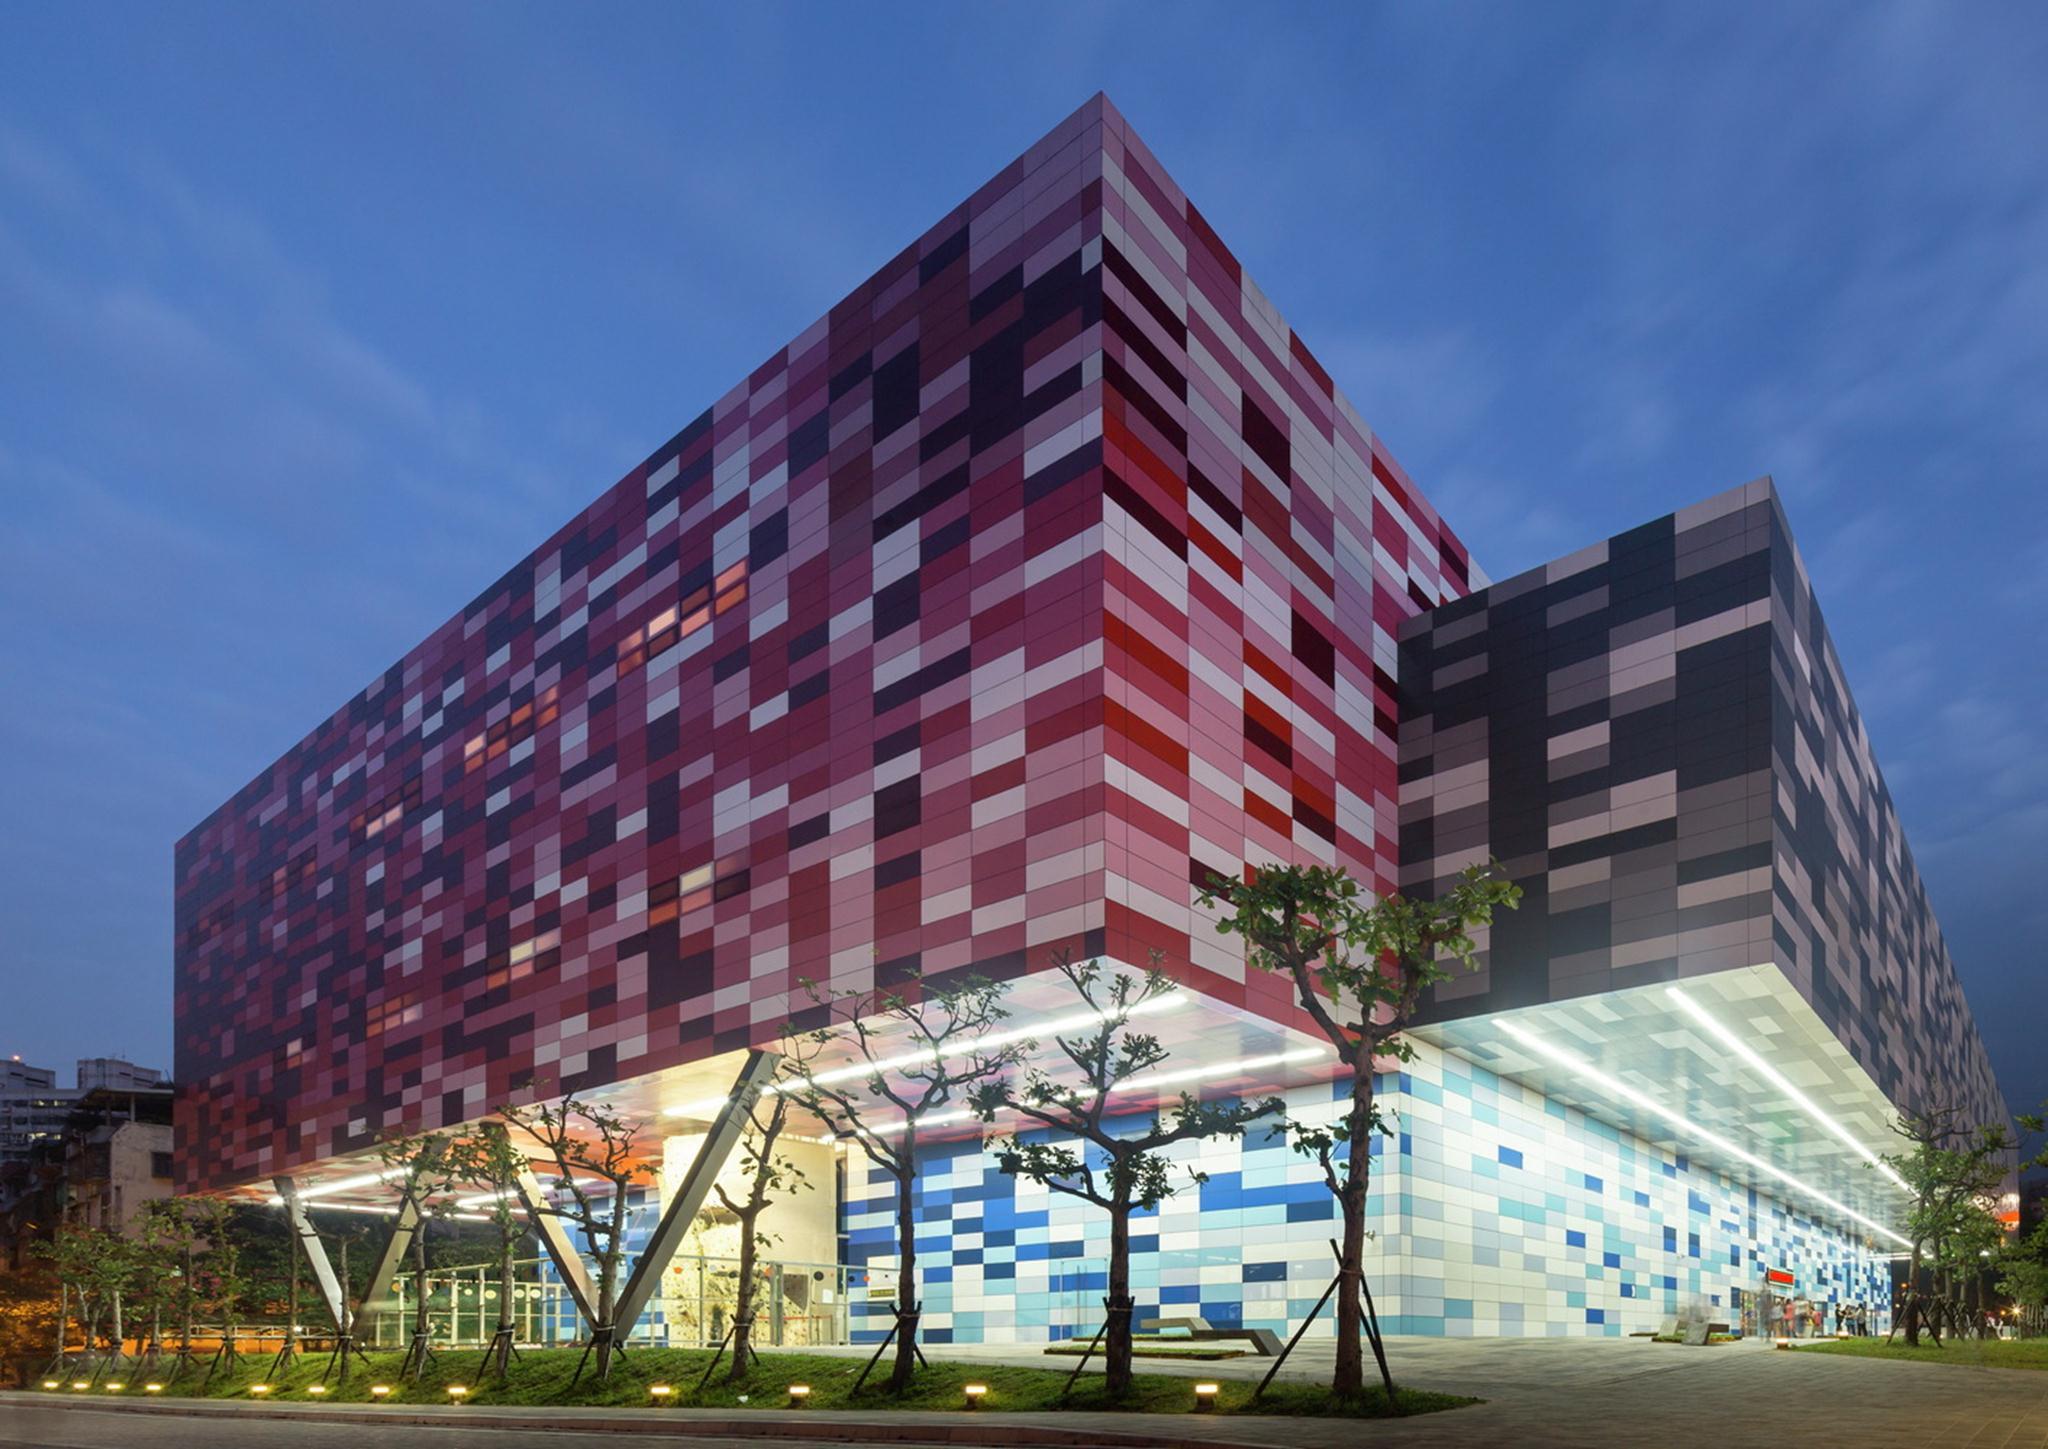 Trung tâm thể thao cộng đồng Tucheng; Đài Loan / QLAB, Ảnh © WAF